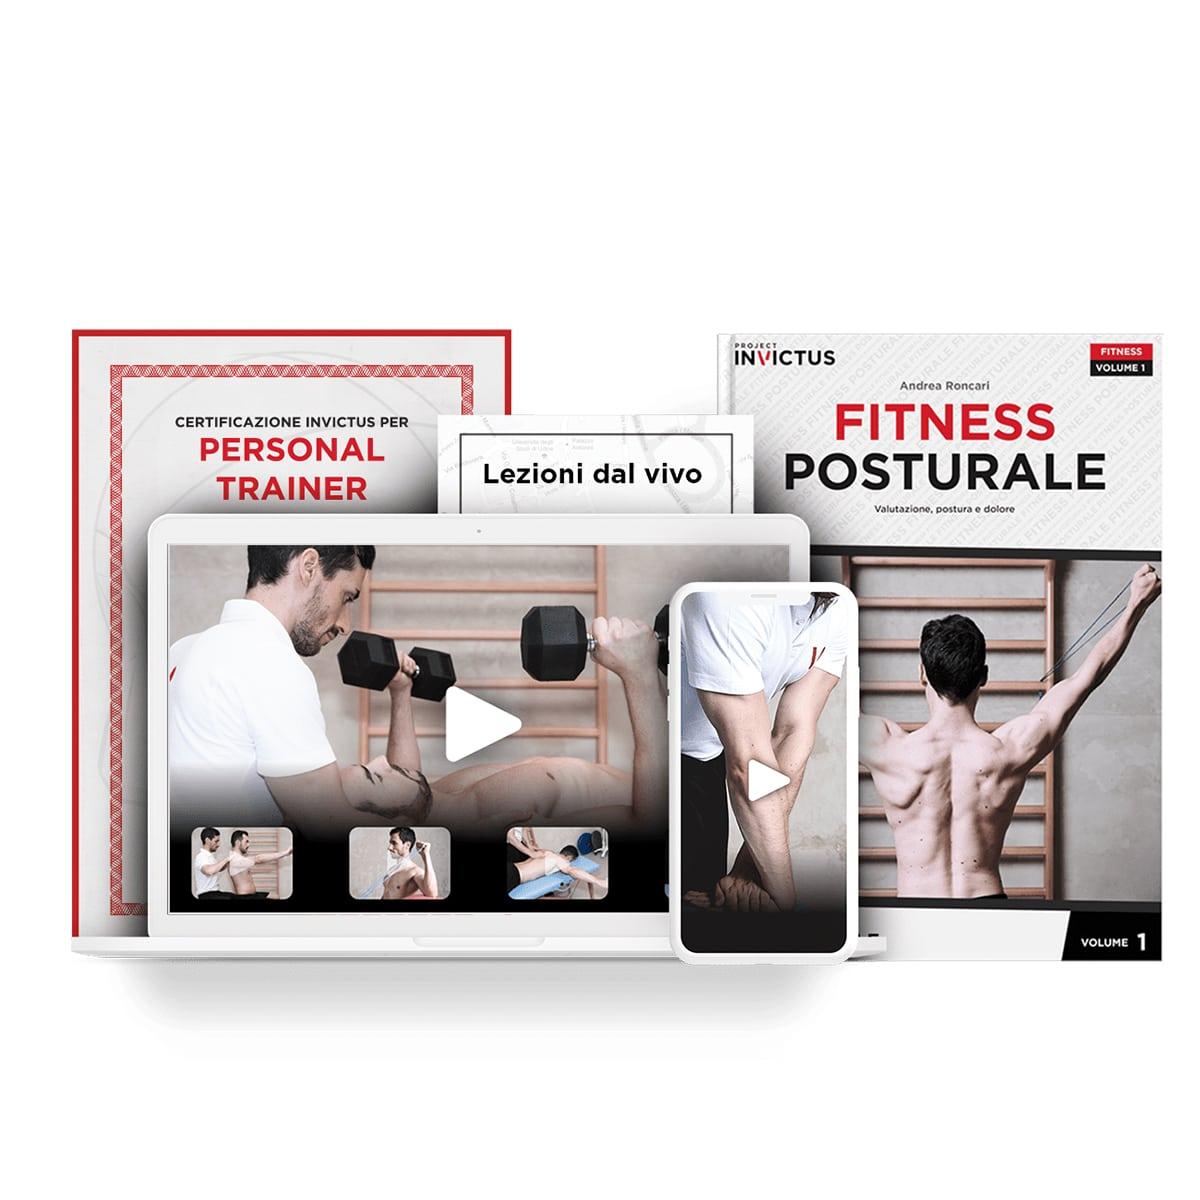 Certificazione Fitness Posturale